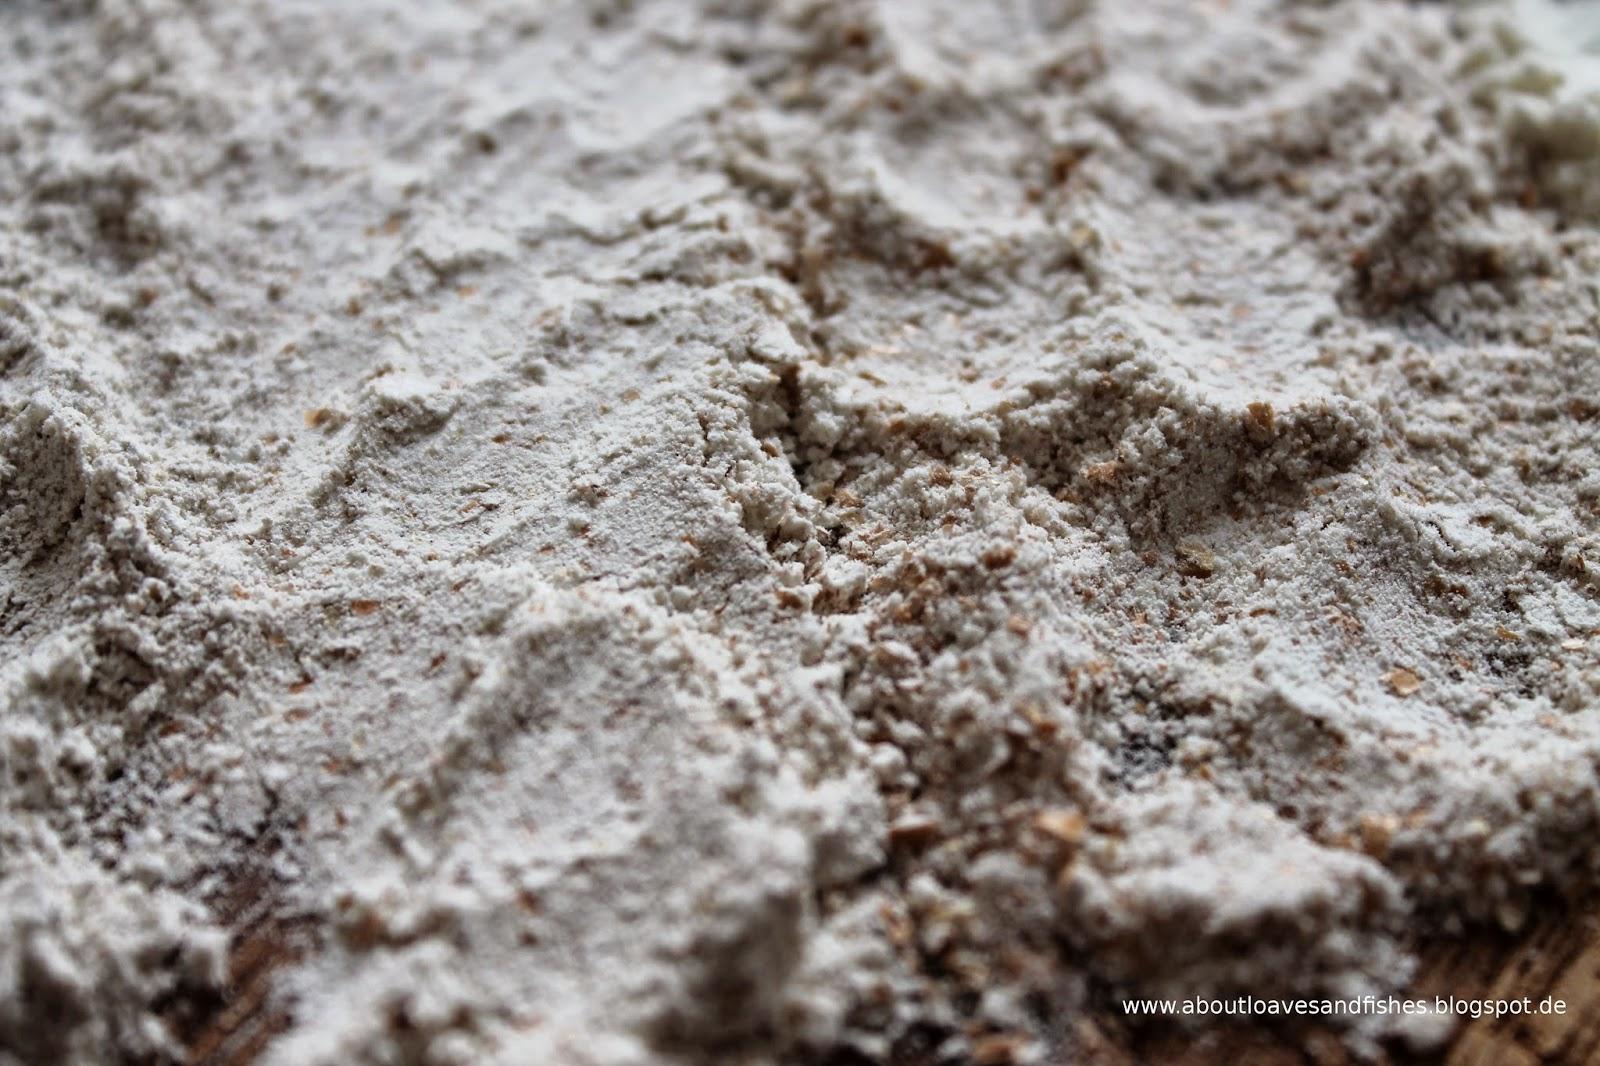 Vergleich Dinkelvollkornmehl und Weizenvollkornmehl